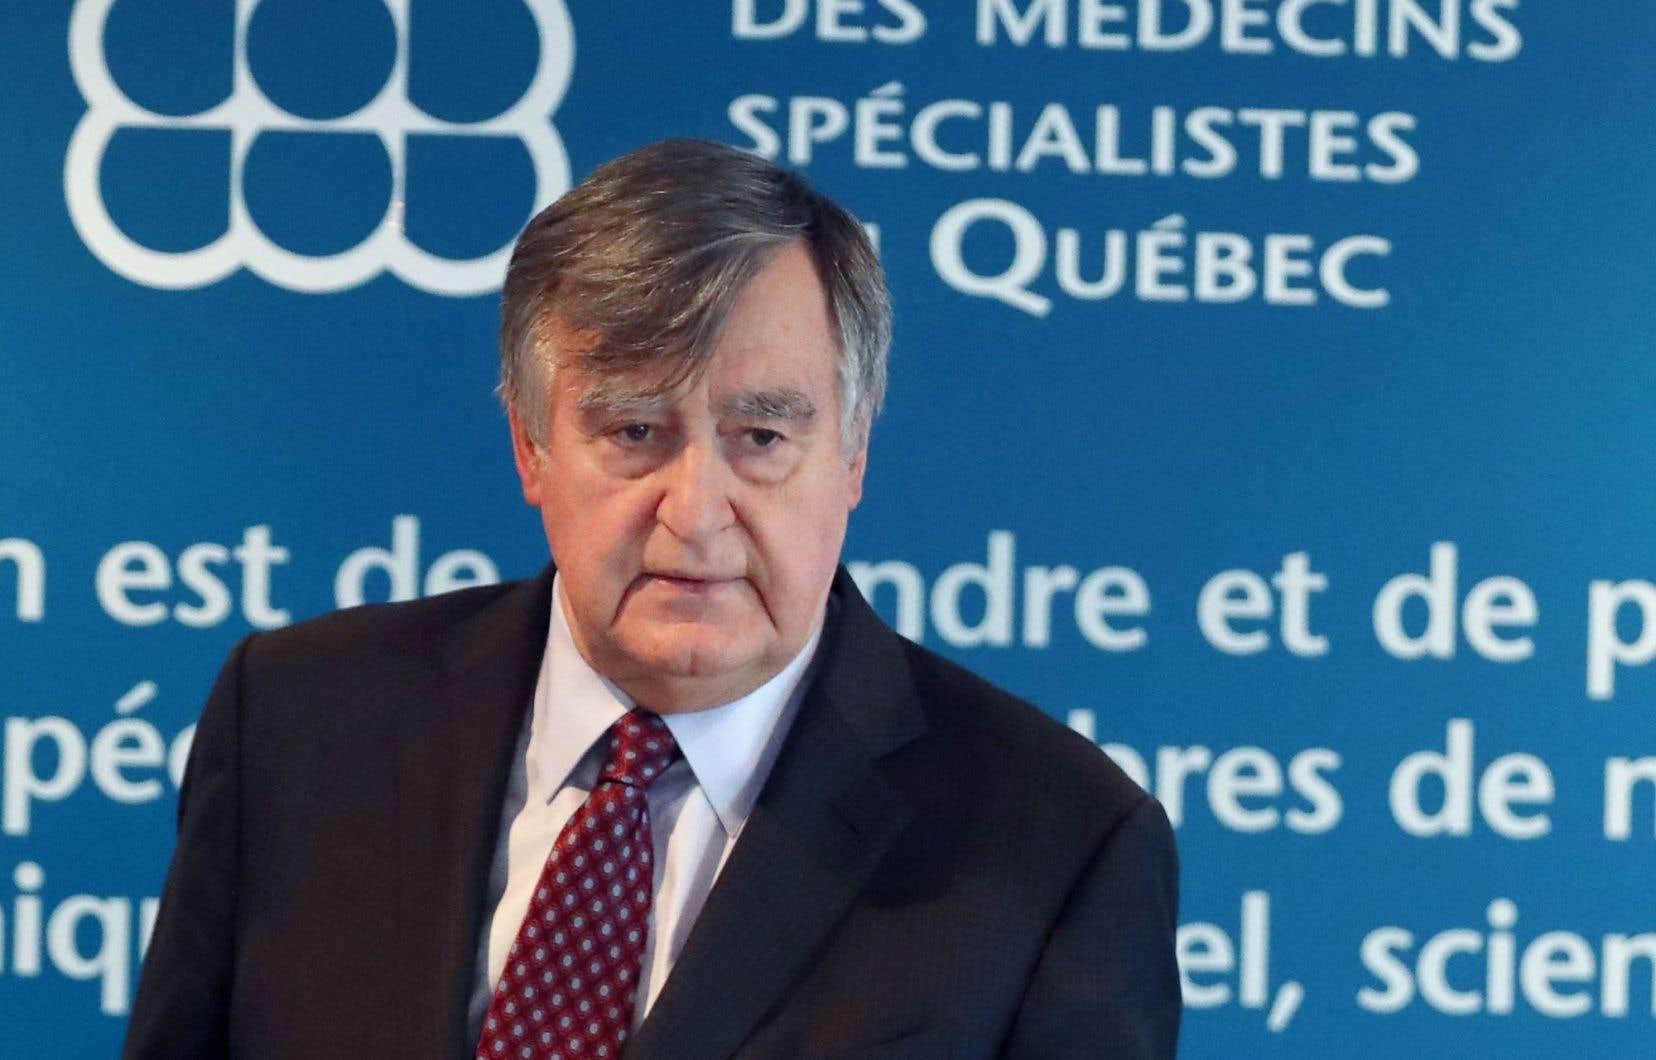 Sous la tutelle de Gaétan Barrette, le système de santé est en train de devenir une «immense machine bureaucratique», accuse Lucien Bouchard, mandaté par les médecins spécialistes.